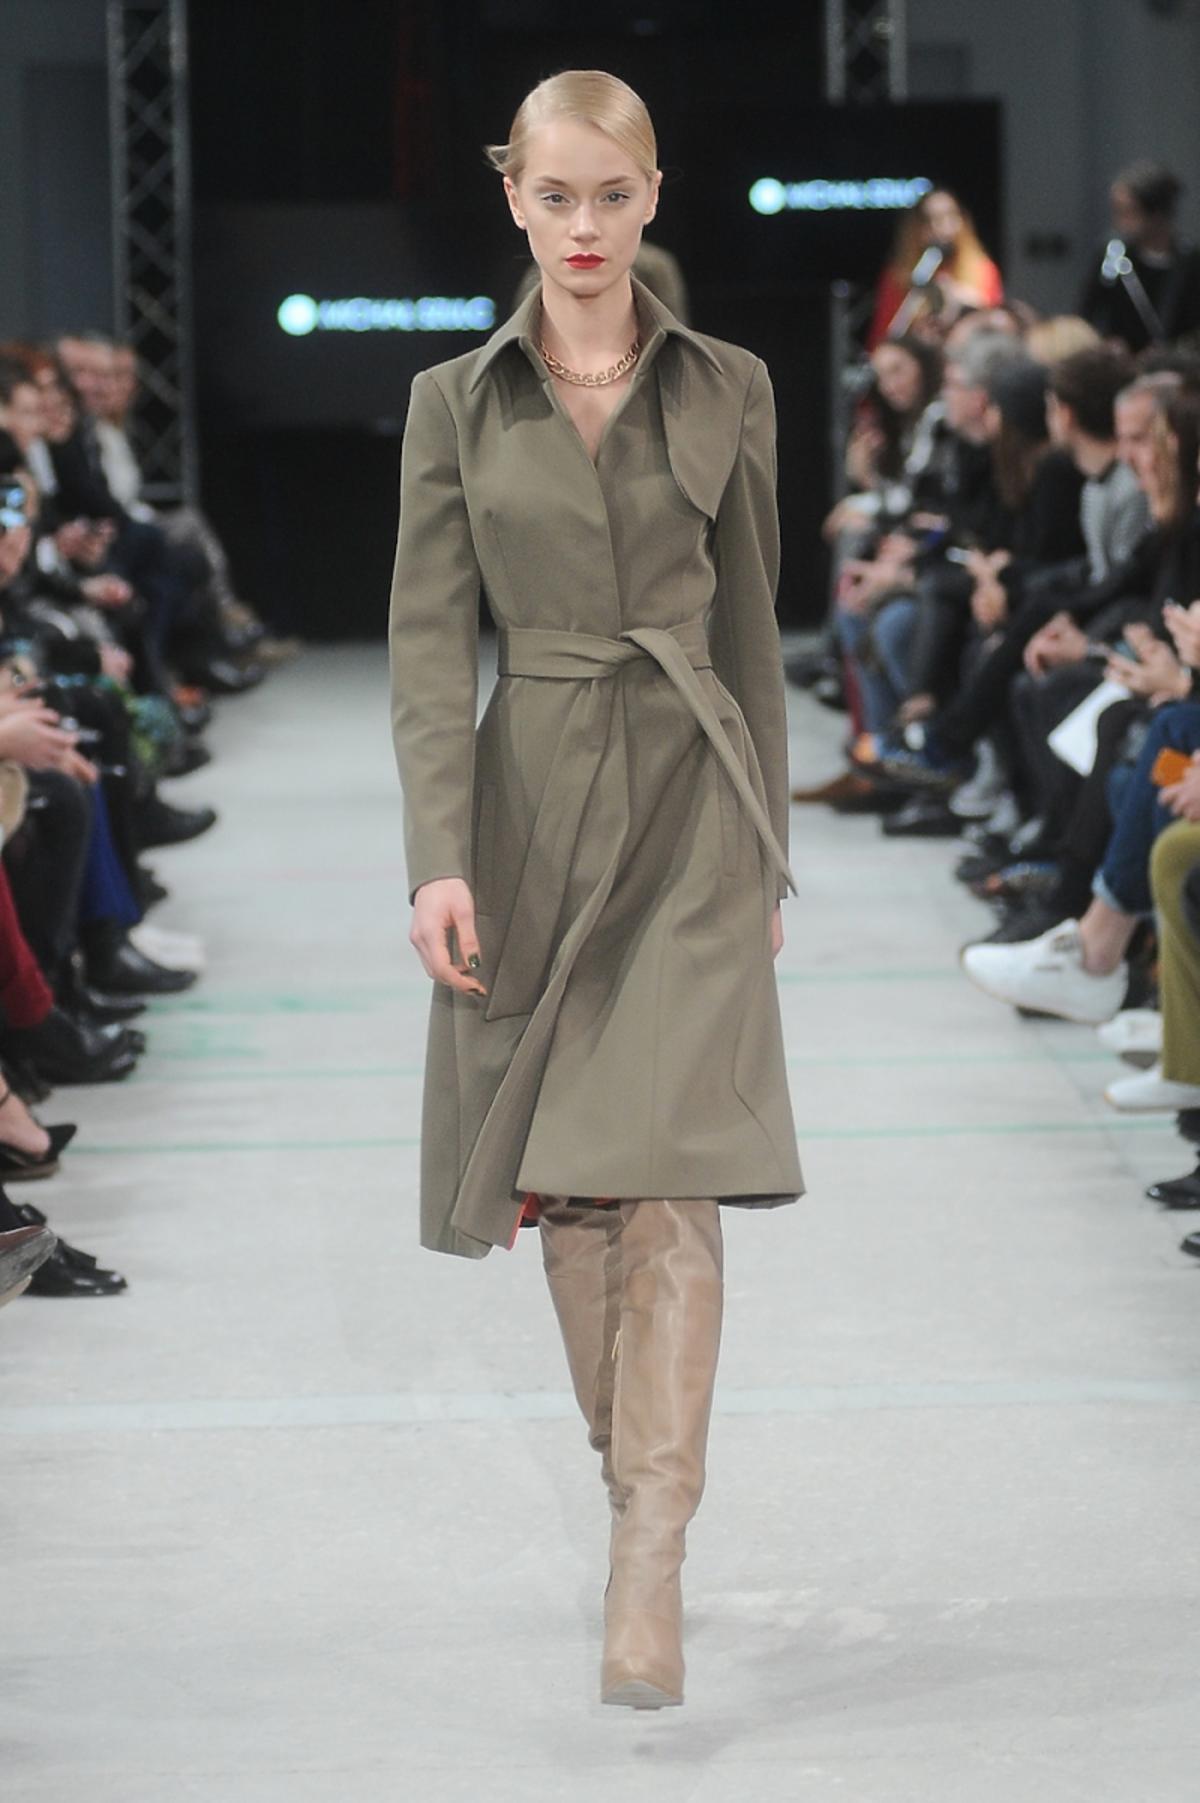 Modelka z pokazu Michała Szulca w sukience w kolorze khaki, beżowych kozakach